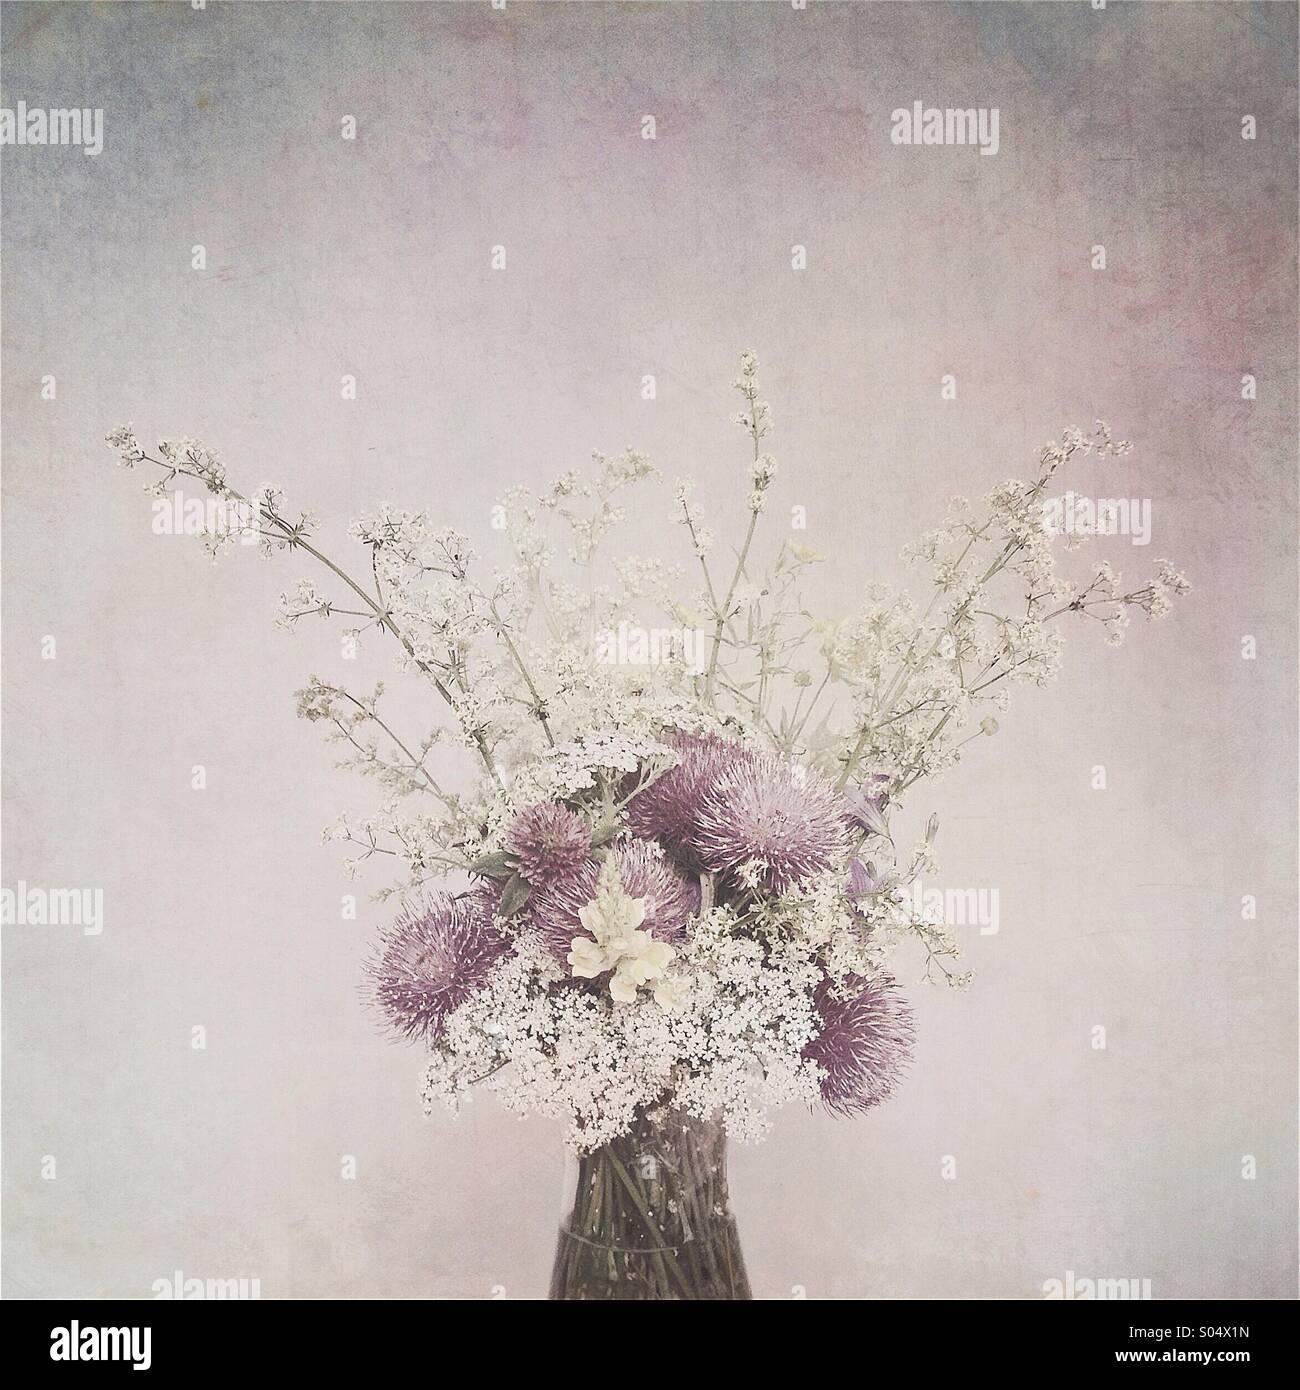 Wild flowers - Stock Image